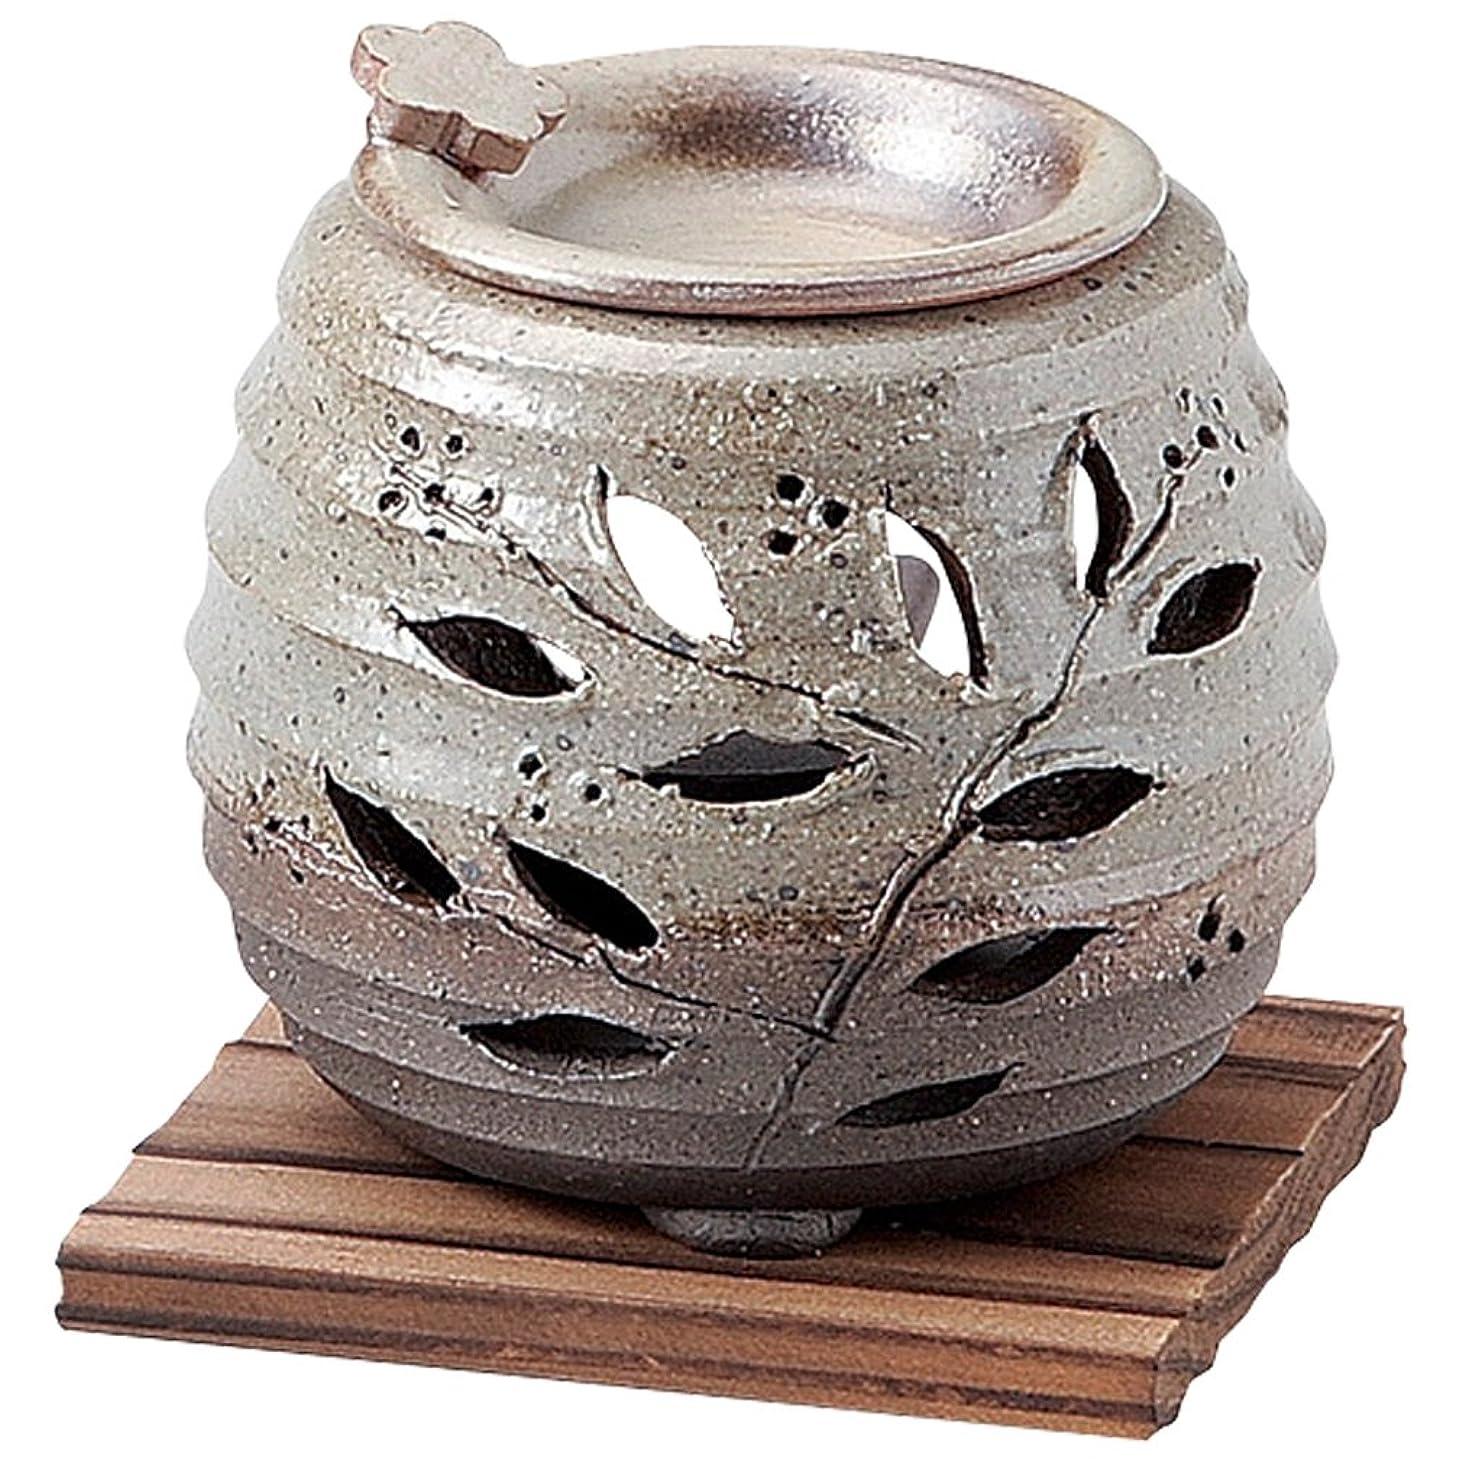 娘極地確かな山下工芸 常滑焼 石龍緑灰釉花茶香炉 板付 10.5×11×11cm 13045750